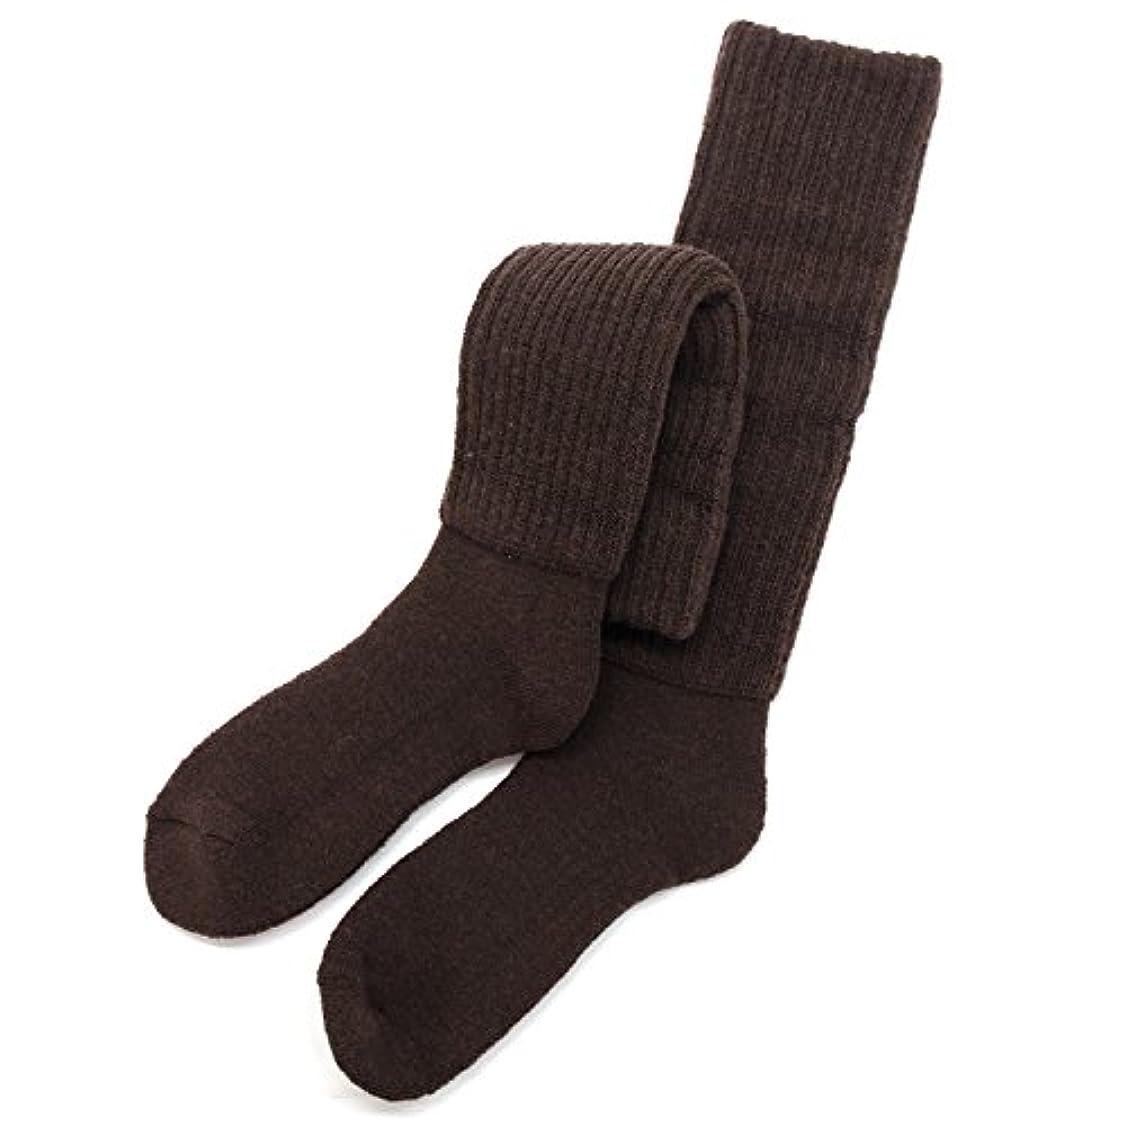 参加者責めるそのようなhiorie(ヒオリエ) 日本製 冷えとり靴下 あったか 2重編み靴下 ハイソックス <Lサイズ>